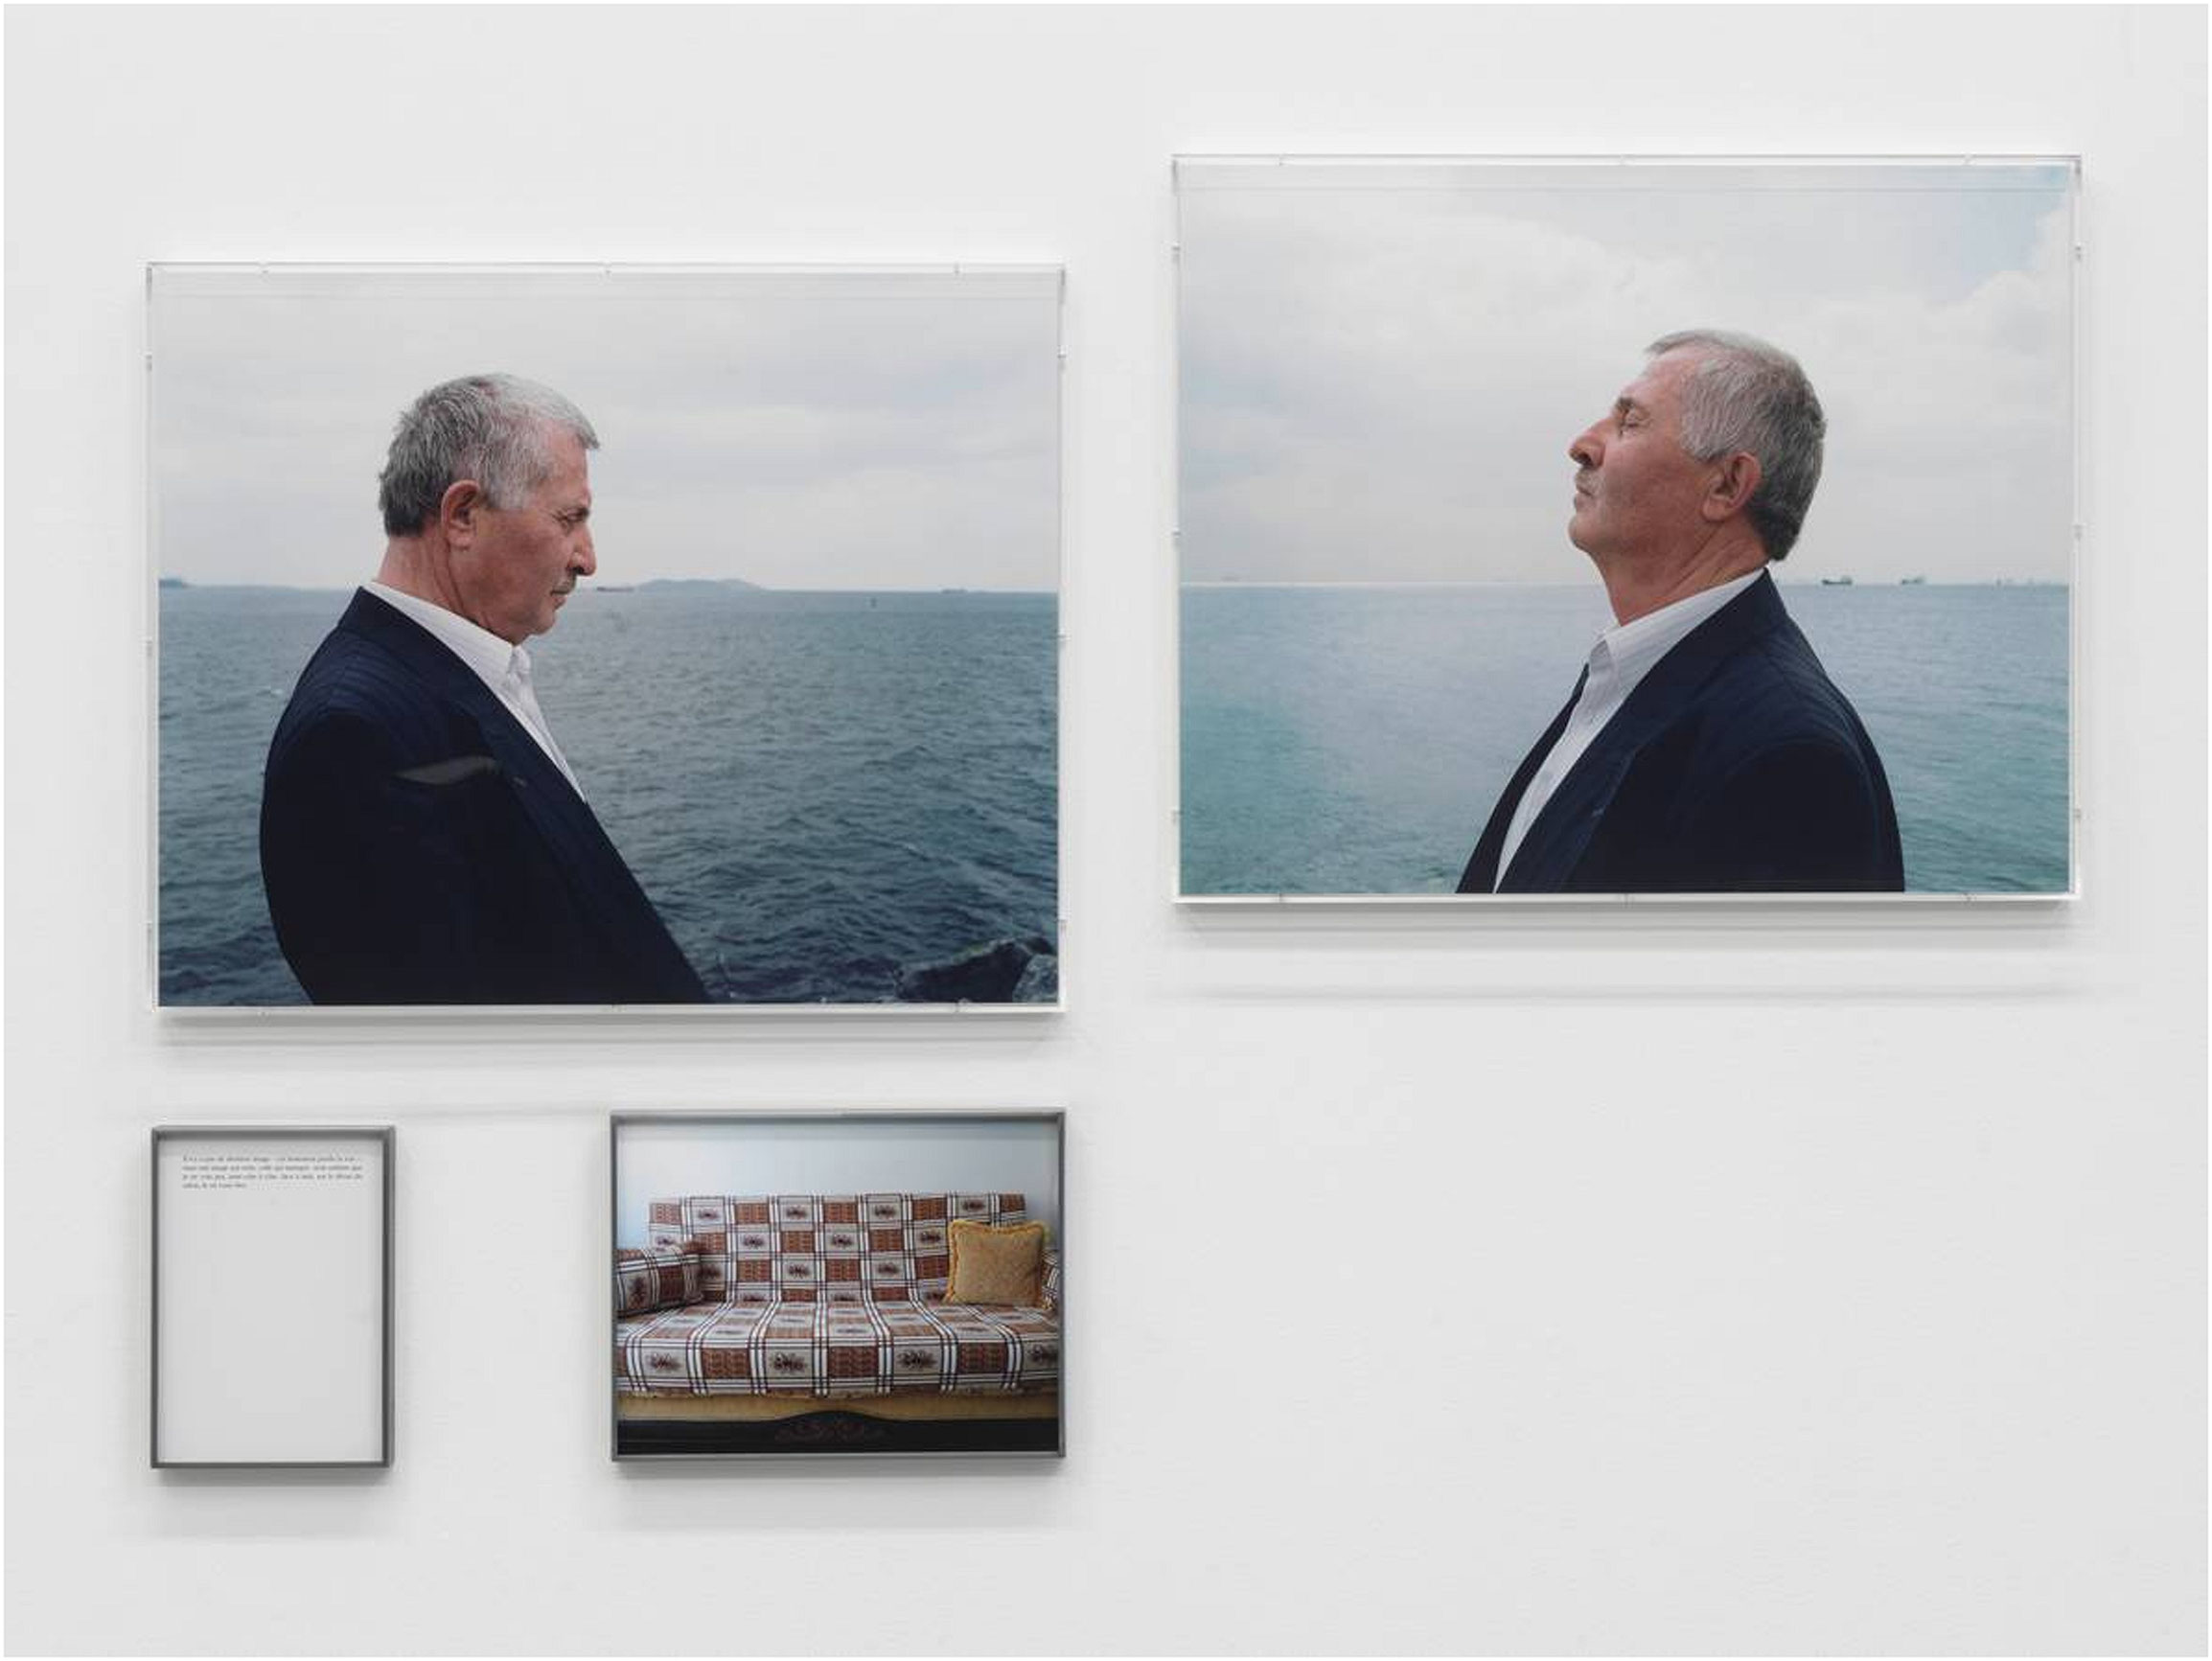 Aveugle au divan (de la série «La Dernière image», 2010), 2010, Sophie Calle, 4 impressions jet d'encre collées en plein sur aluminium, 2 boîtiers de plexiglas, 2 cadres de métal, 1/3.